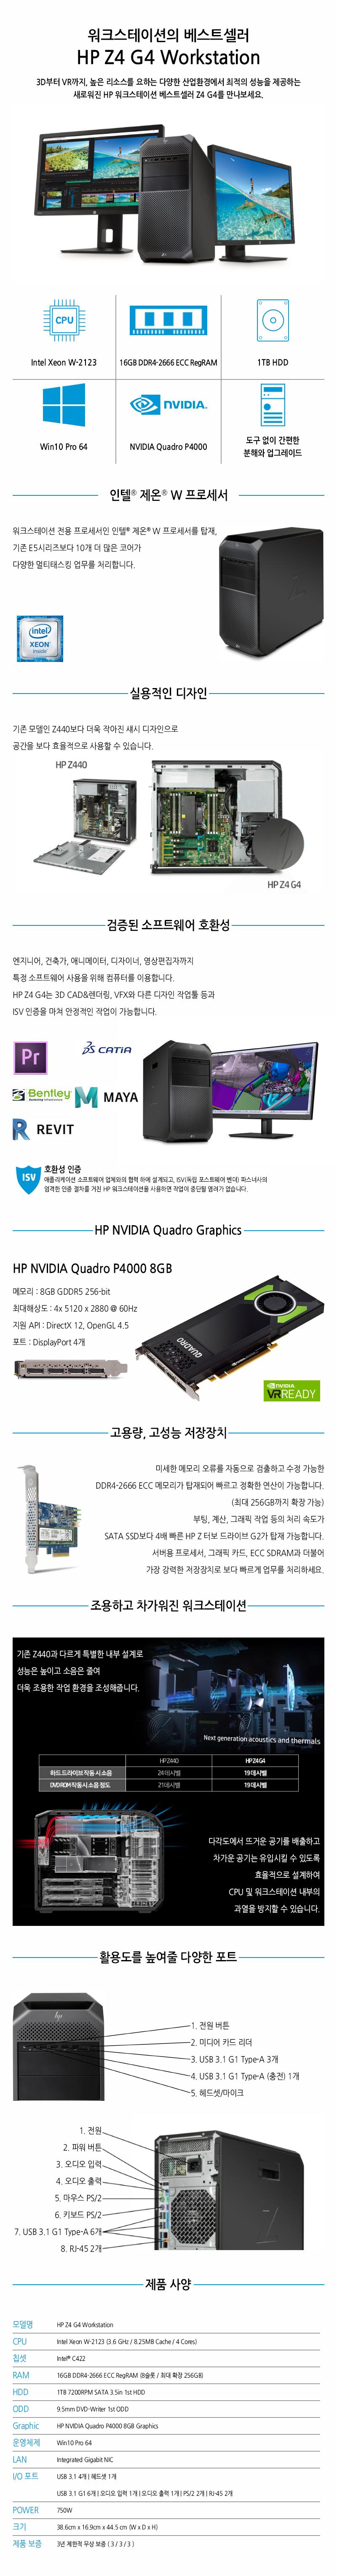 HP Workstation Z4 G4 W-2123/16GB/1T/P4000 8G/Win10 - 11STREET